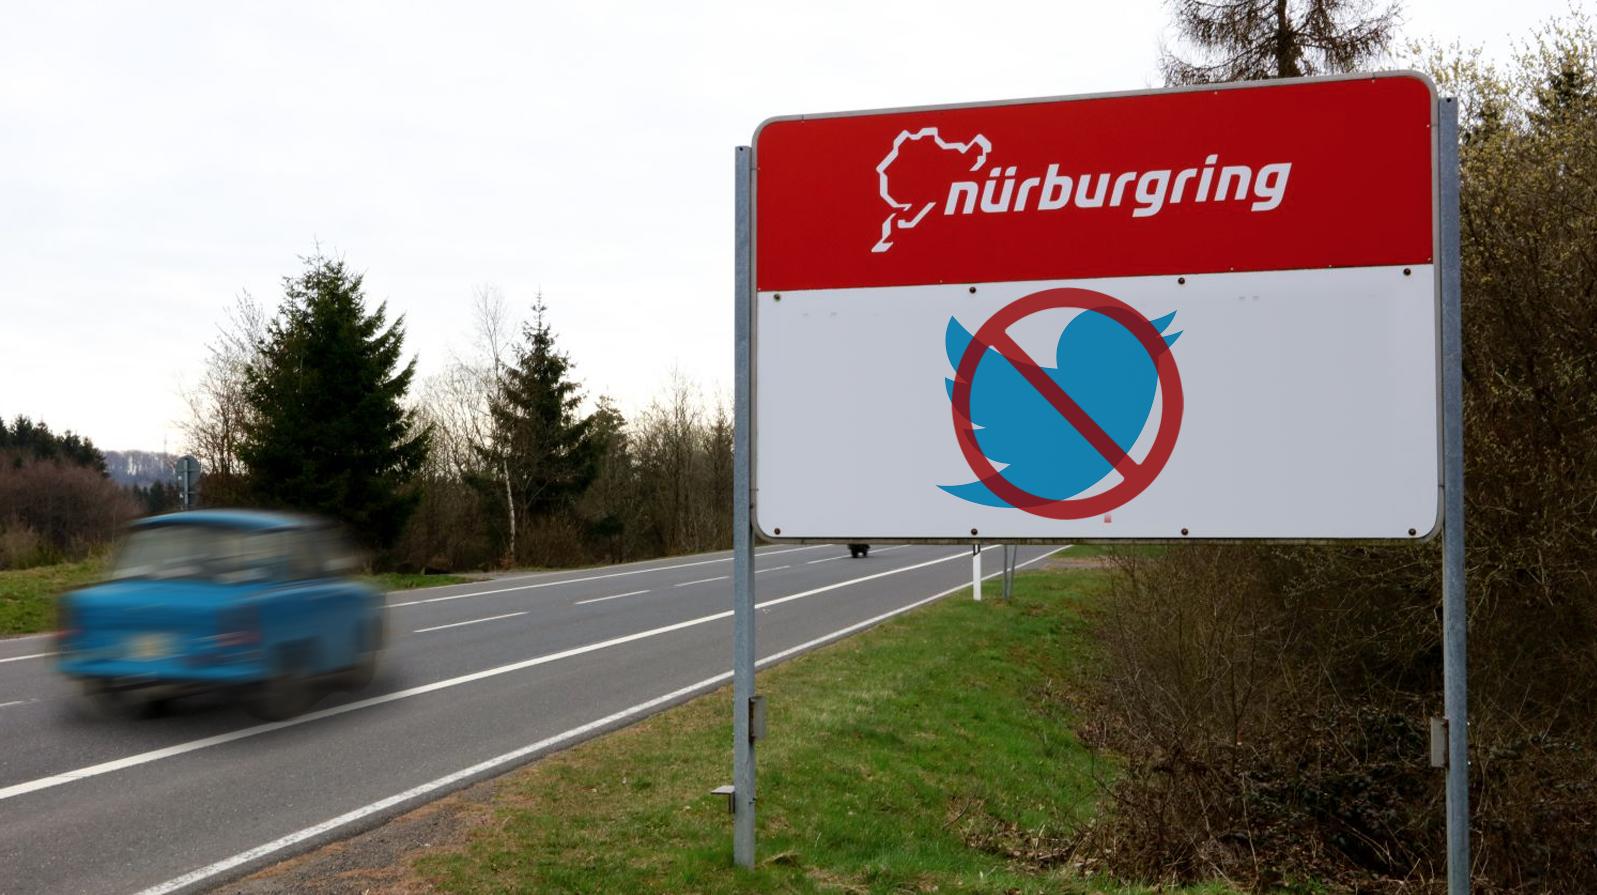 The Nürburgring Is No Place For Elon Musk's Bullshit